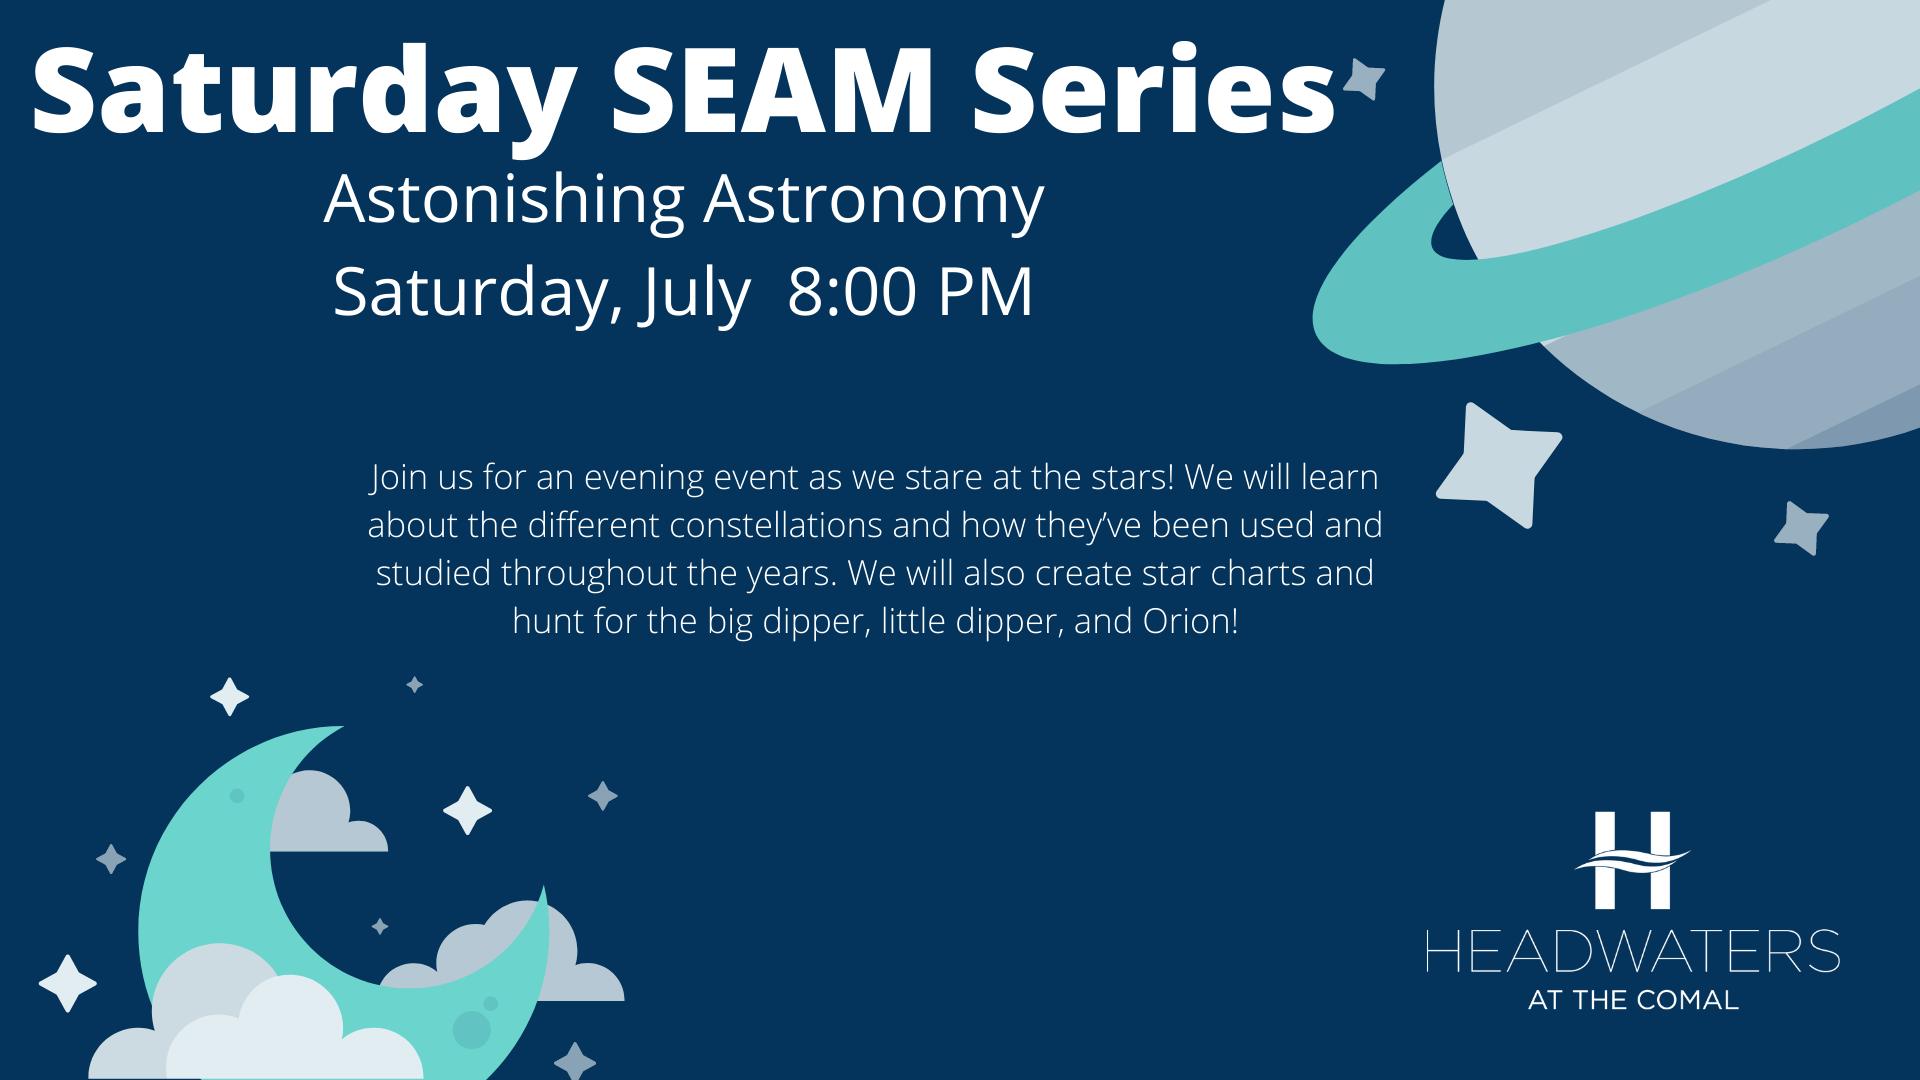 Saturday SEAM Series